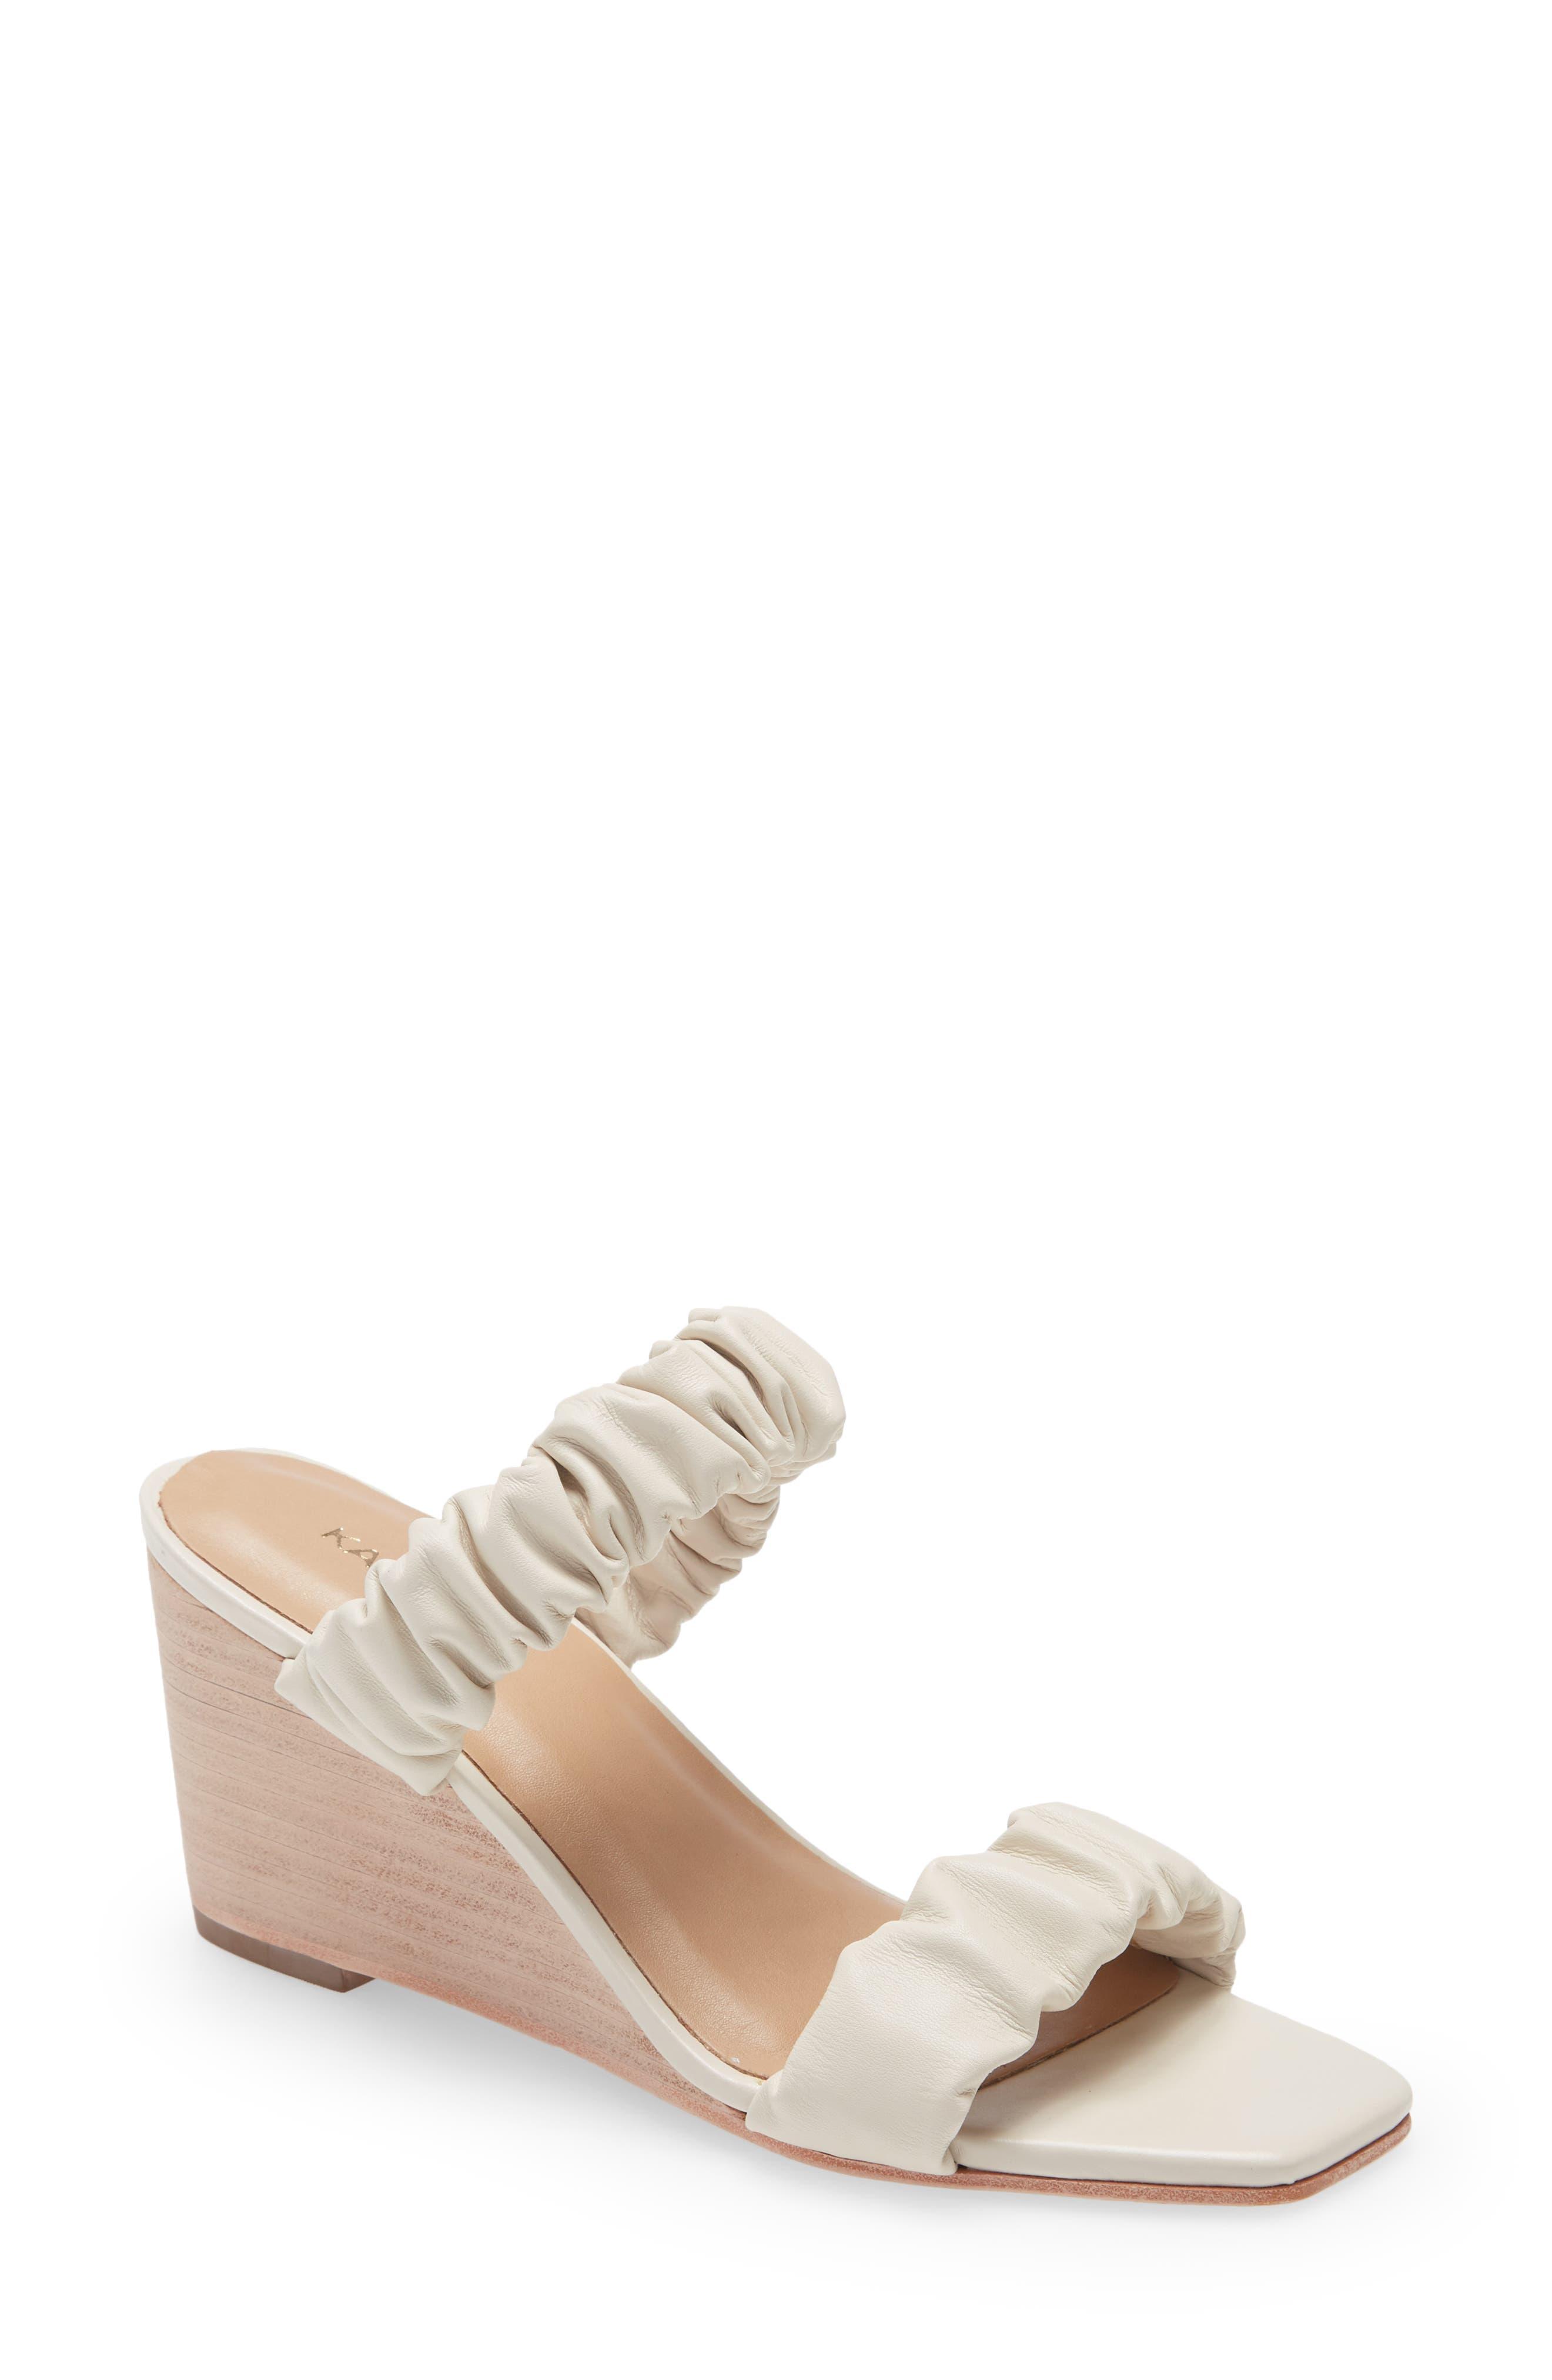 Alana Sccrunchy Wedge Slide Sandal